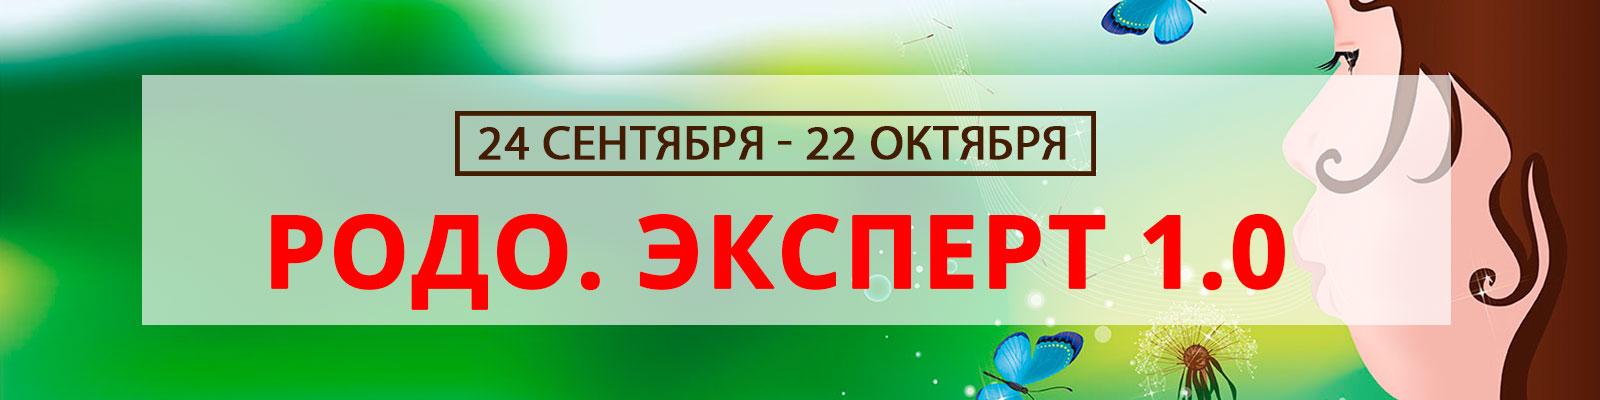 banner-getcourse-url (1)